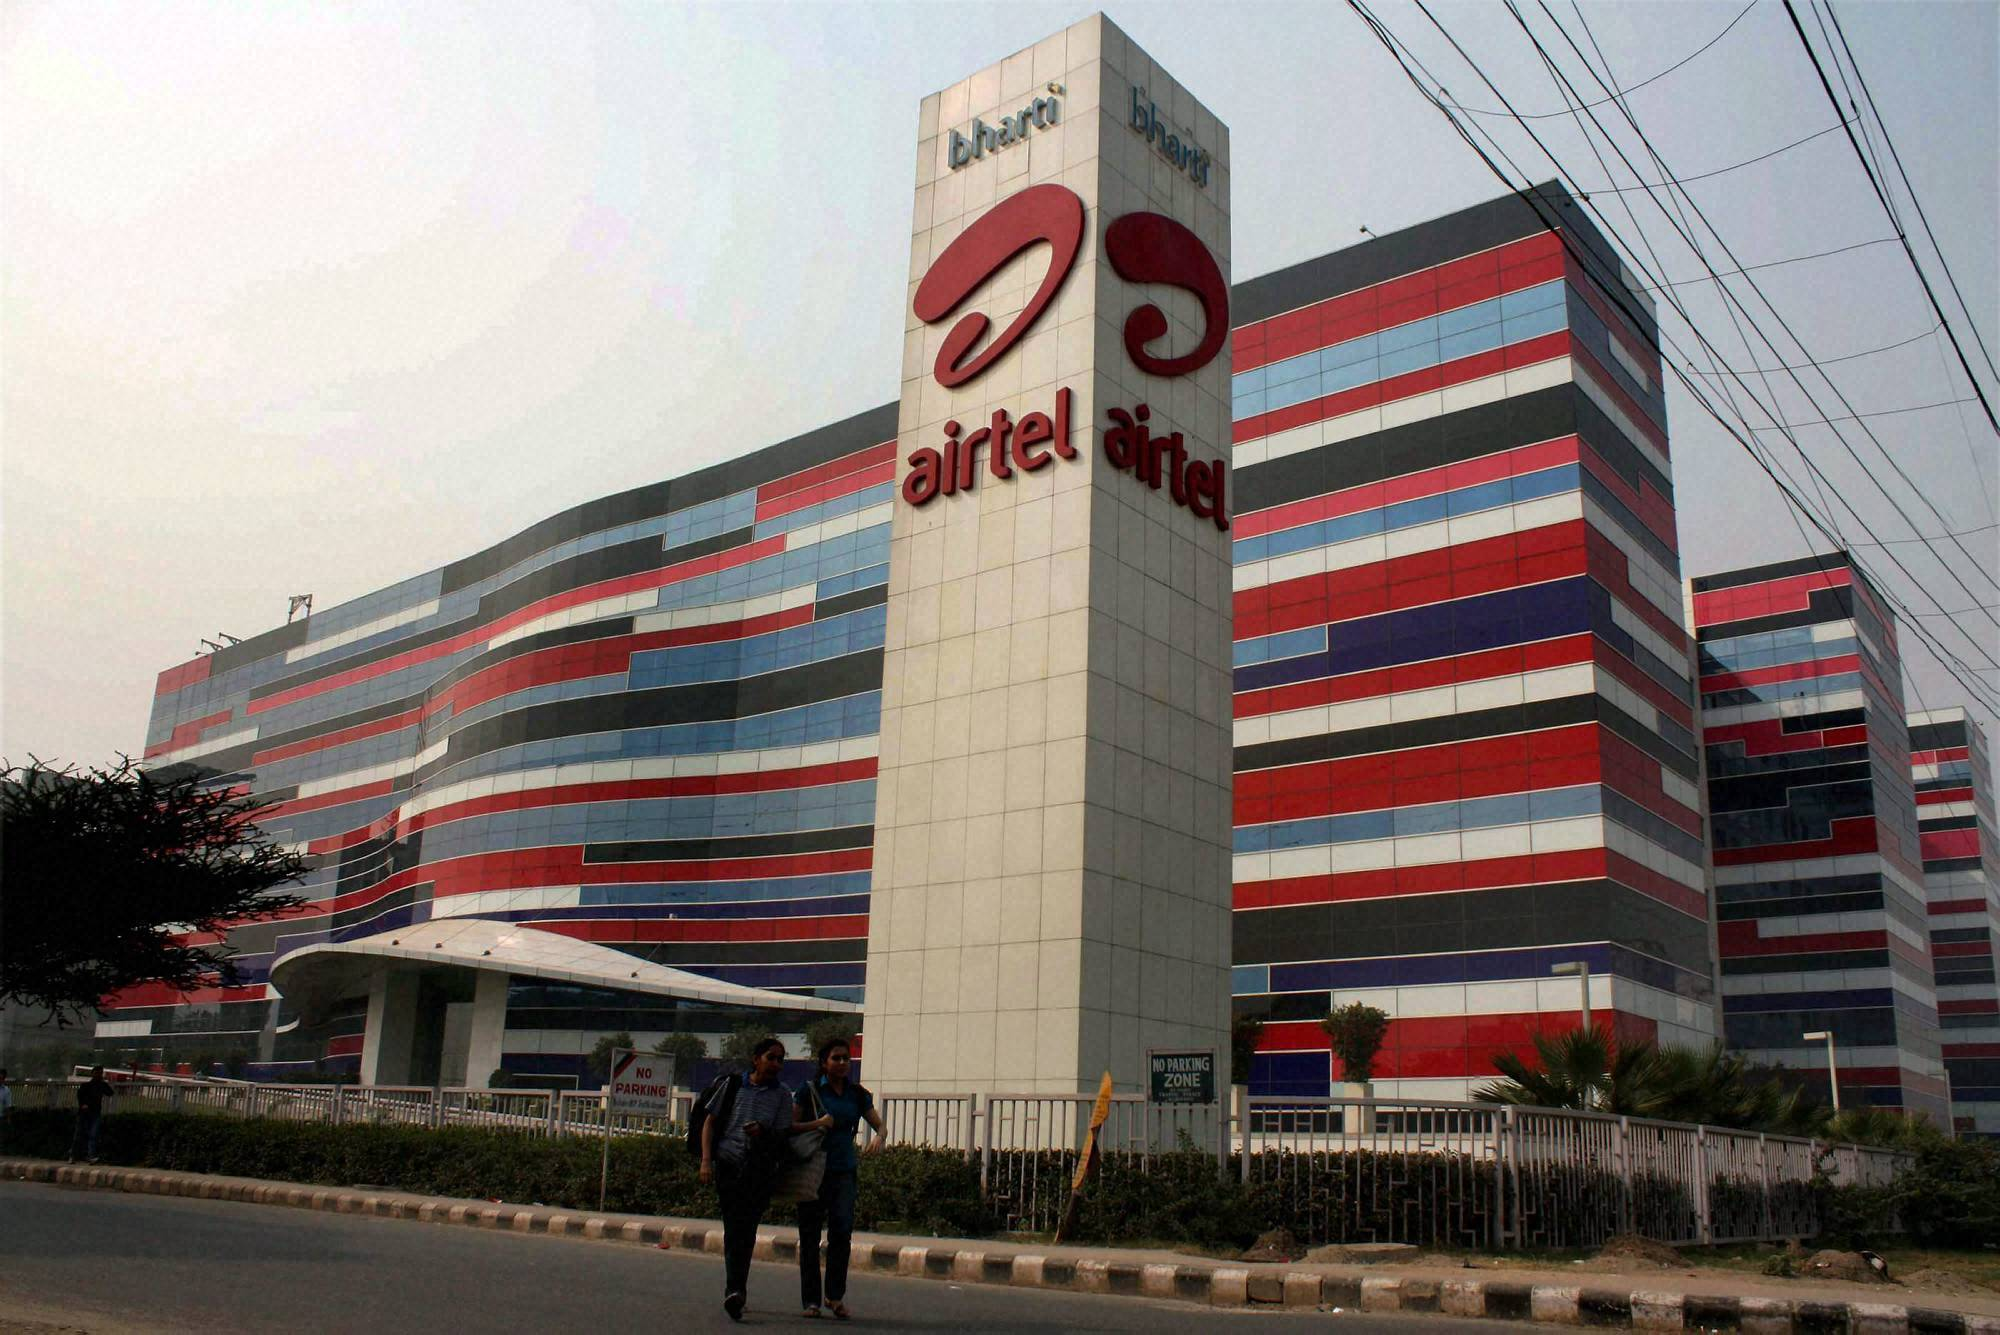 एयरटेल ने मुंबई में की 4G VoLTE सर्विस की शुरुआत, जानिए कैसे करें एक्टिवेट